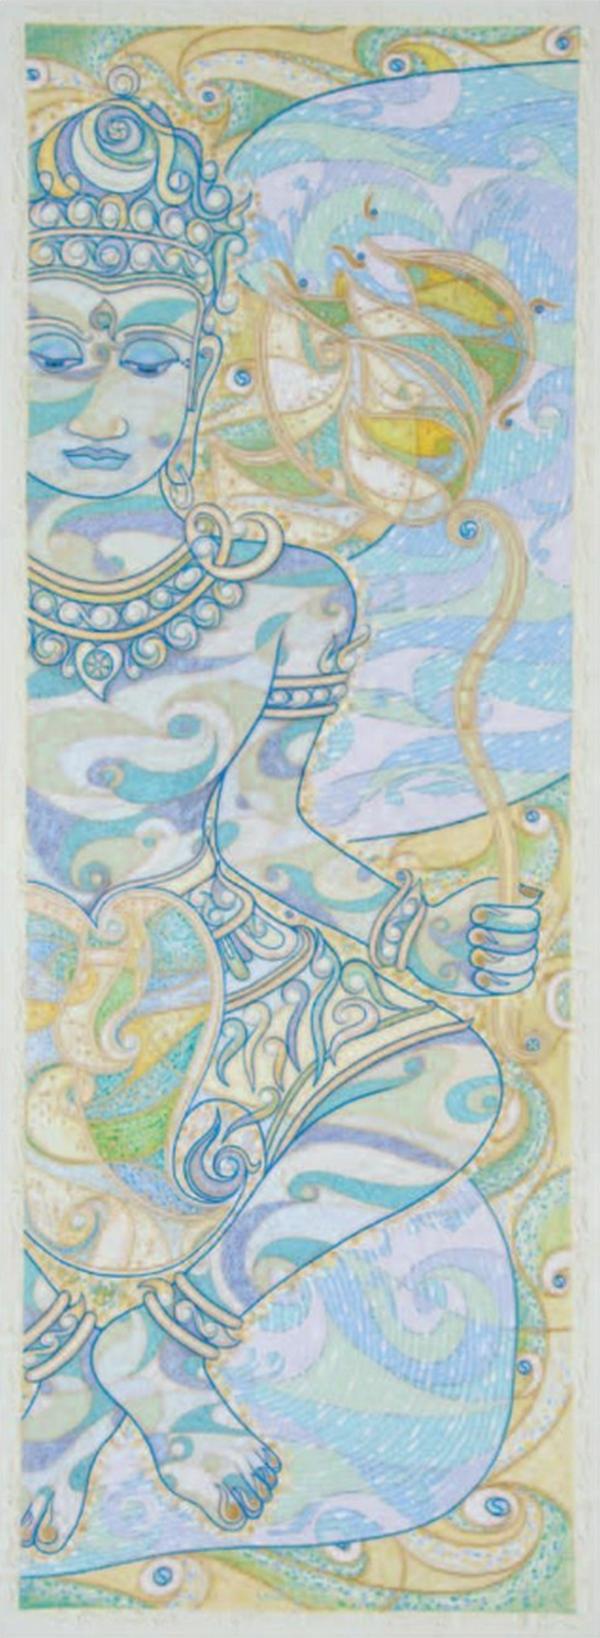 Sûtra du Lotus II, 2011-2013, huile sur toile